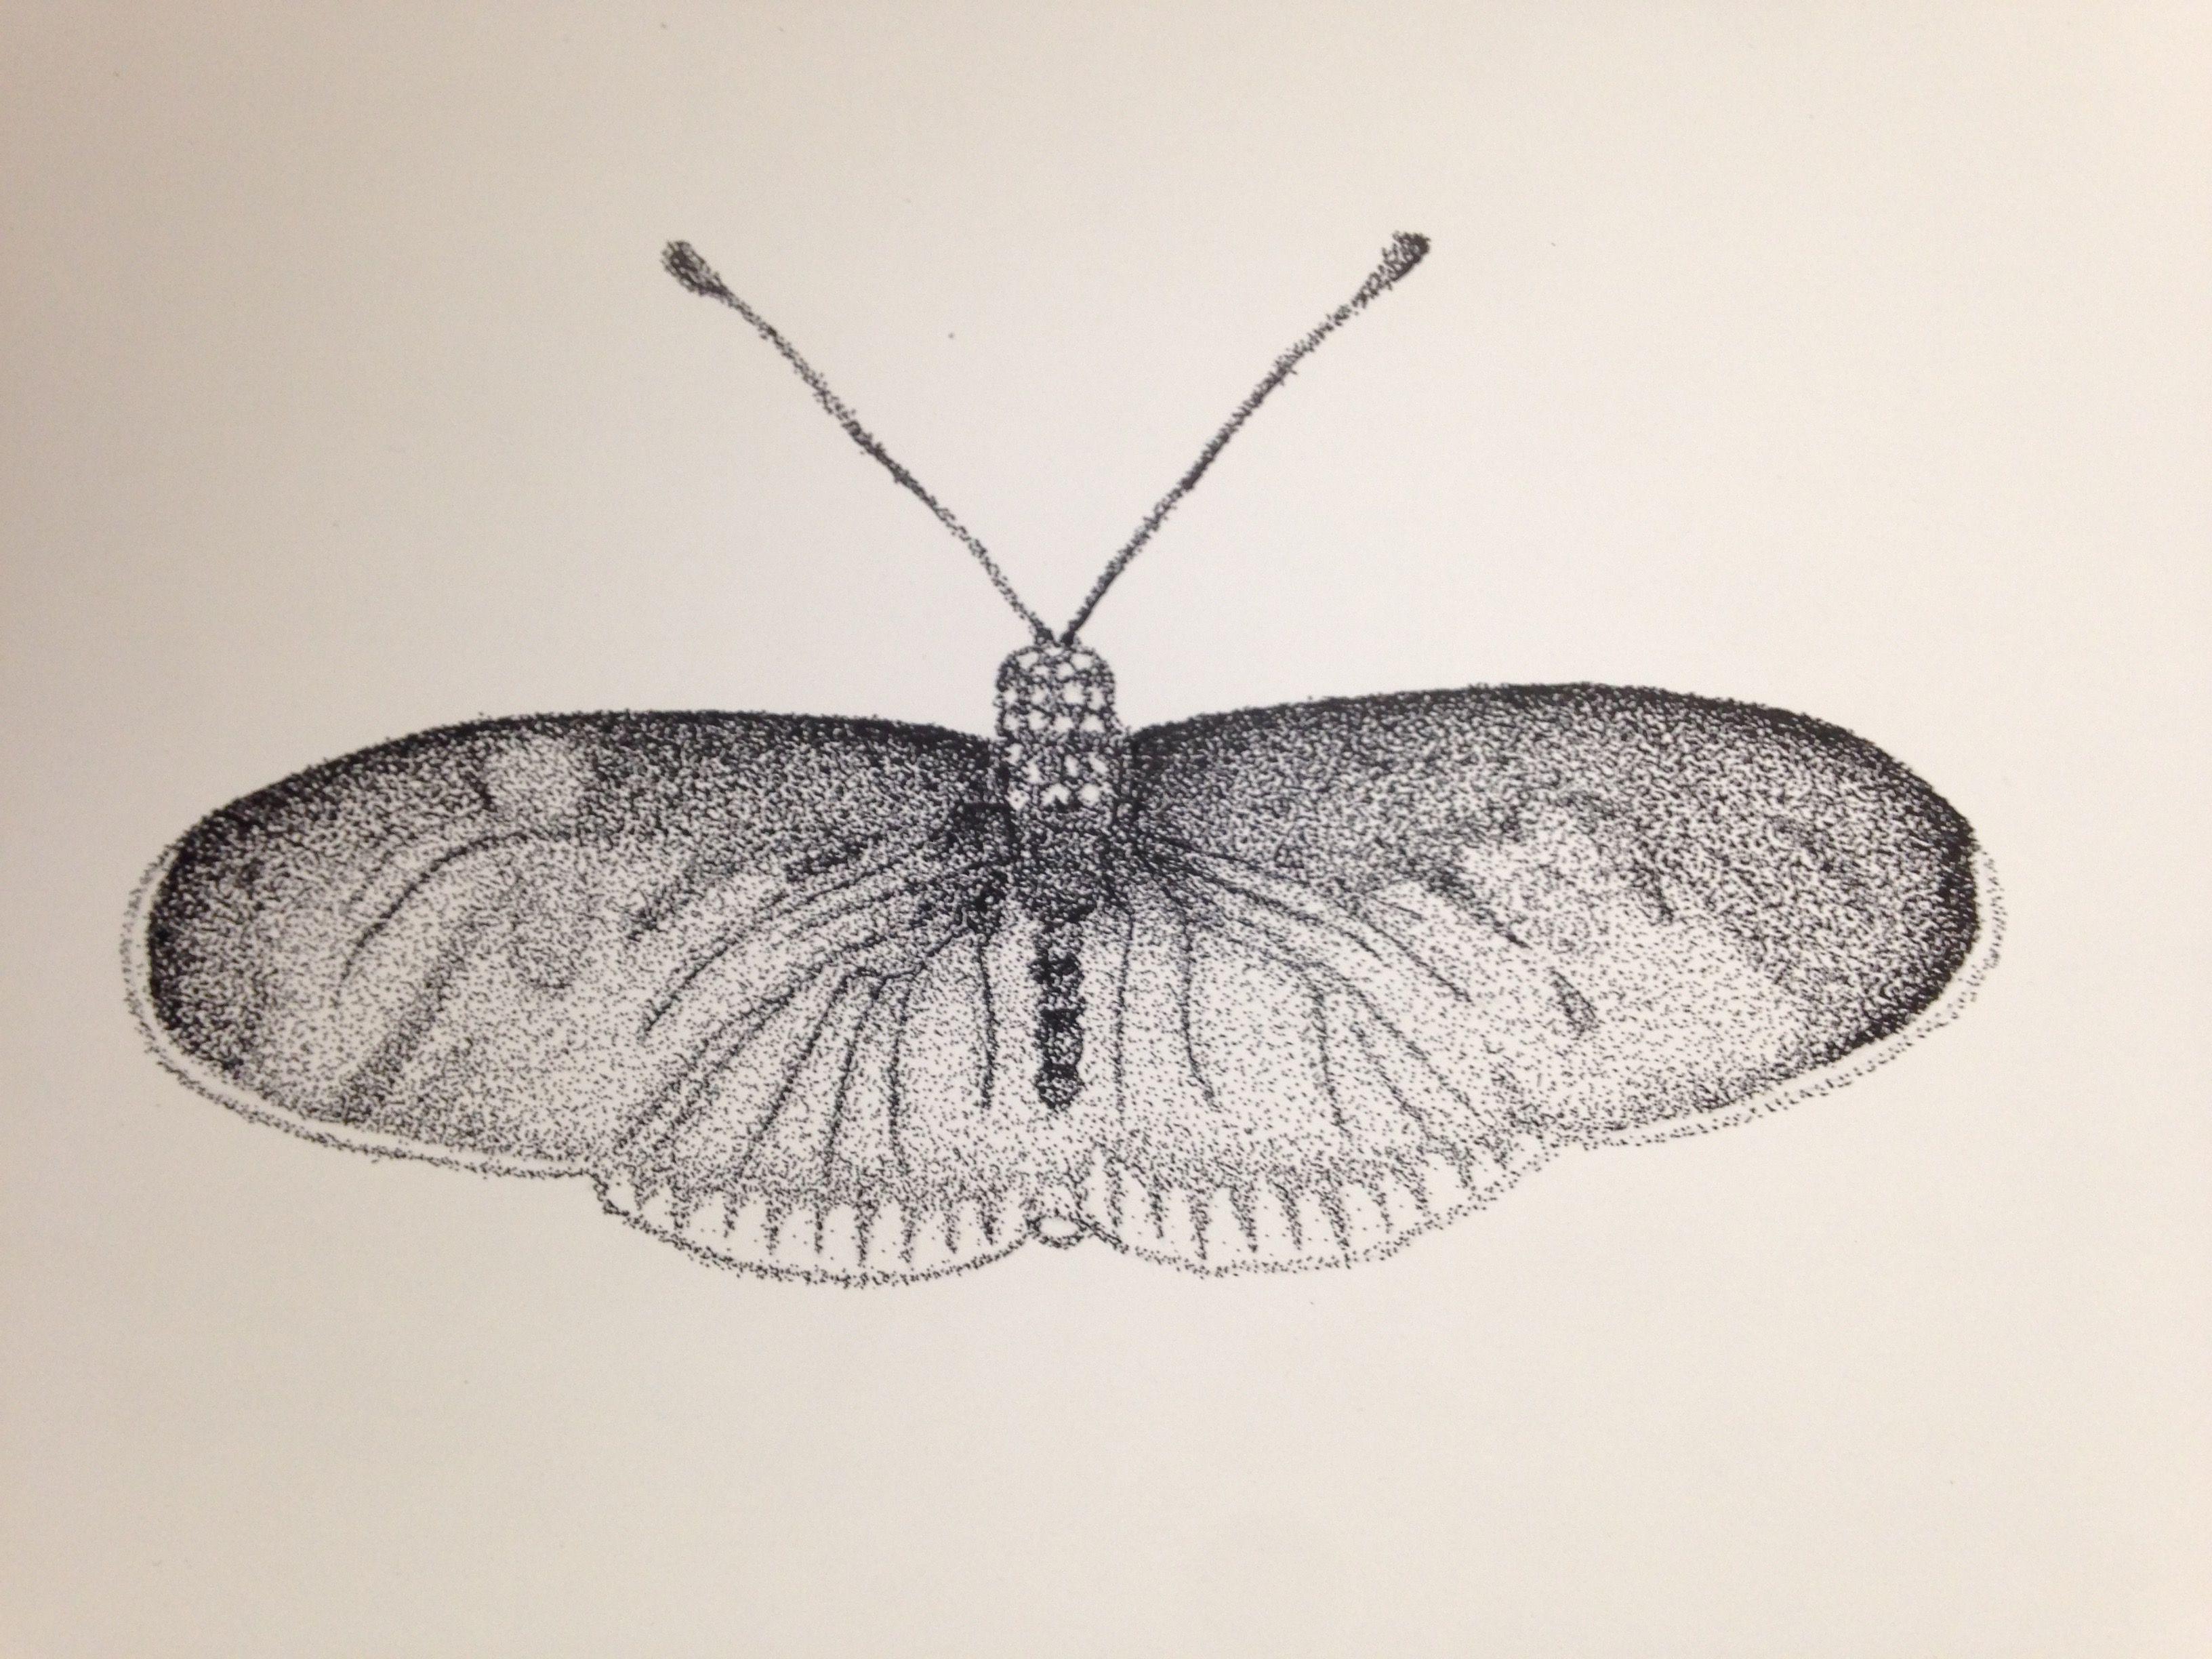 Mariposa, Diseño, Puntillismo, Blanco Y Negro, Insecto